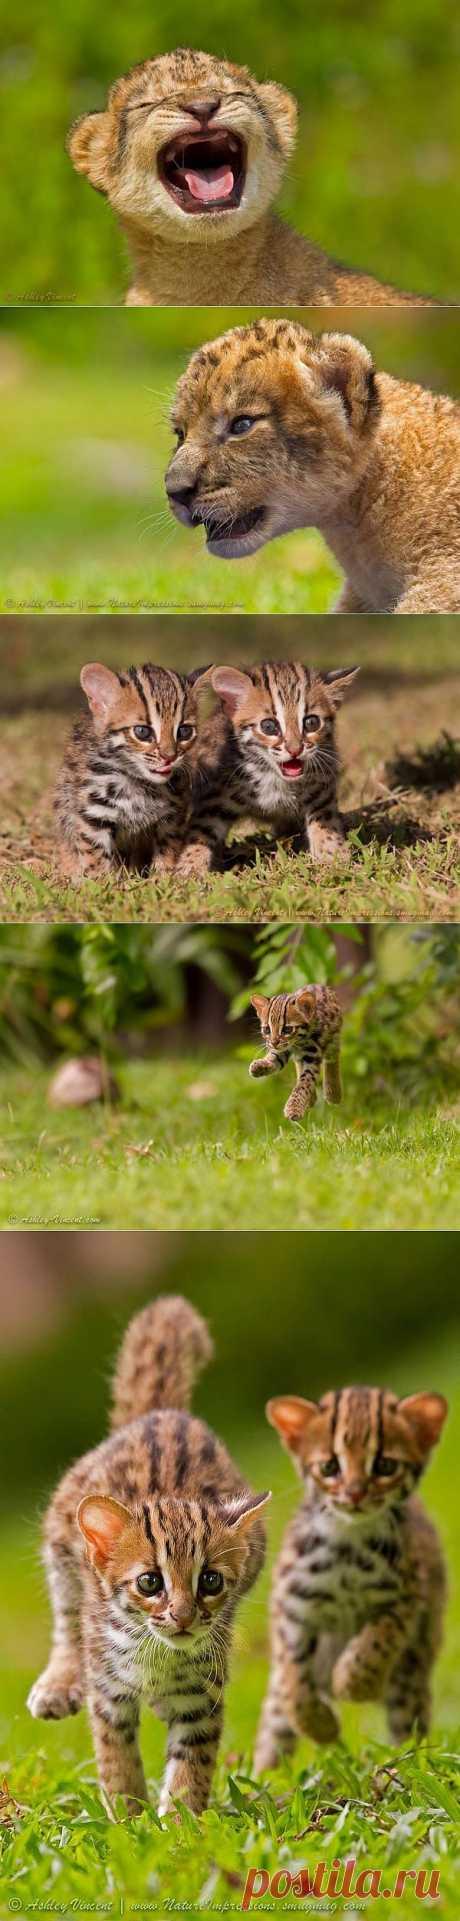 Львята и бенгальские кошки / Питомцы